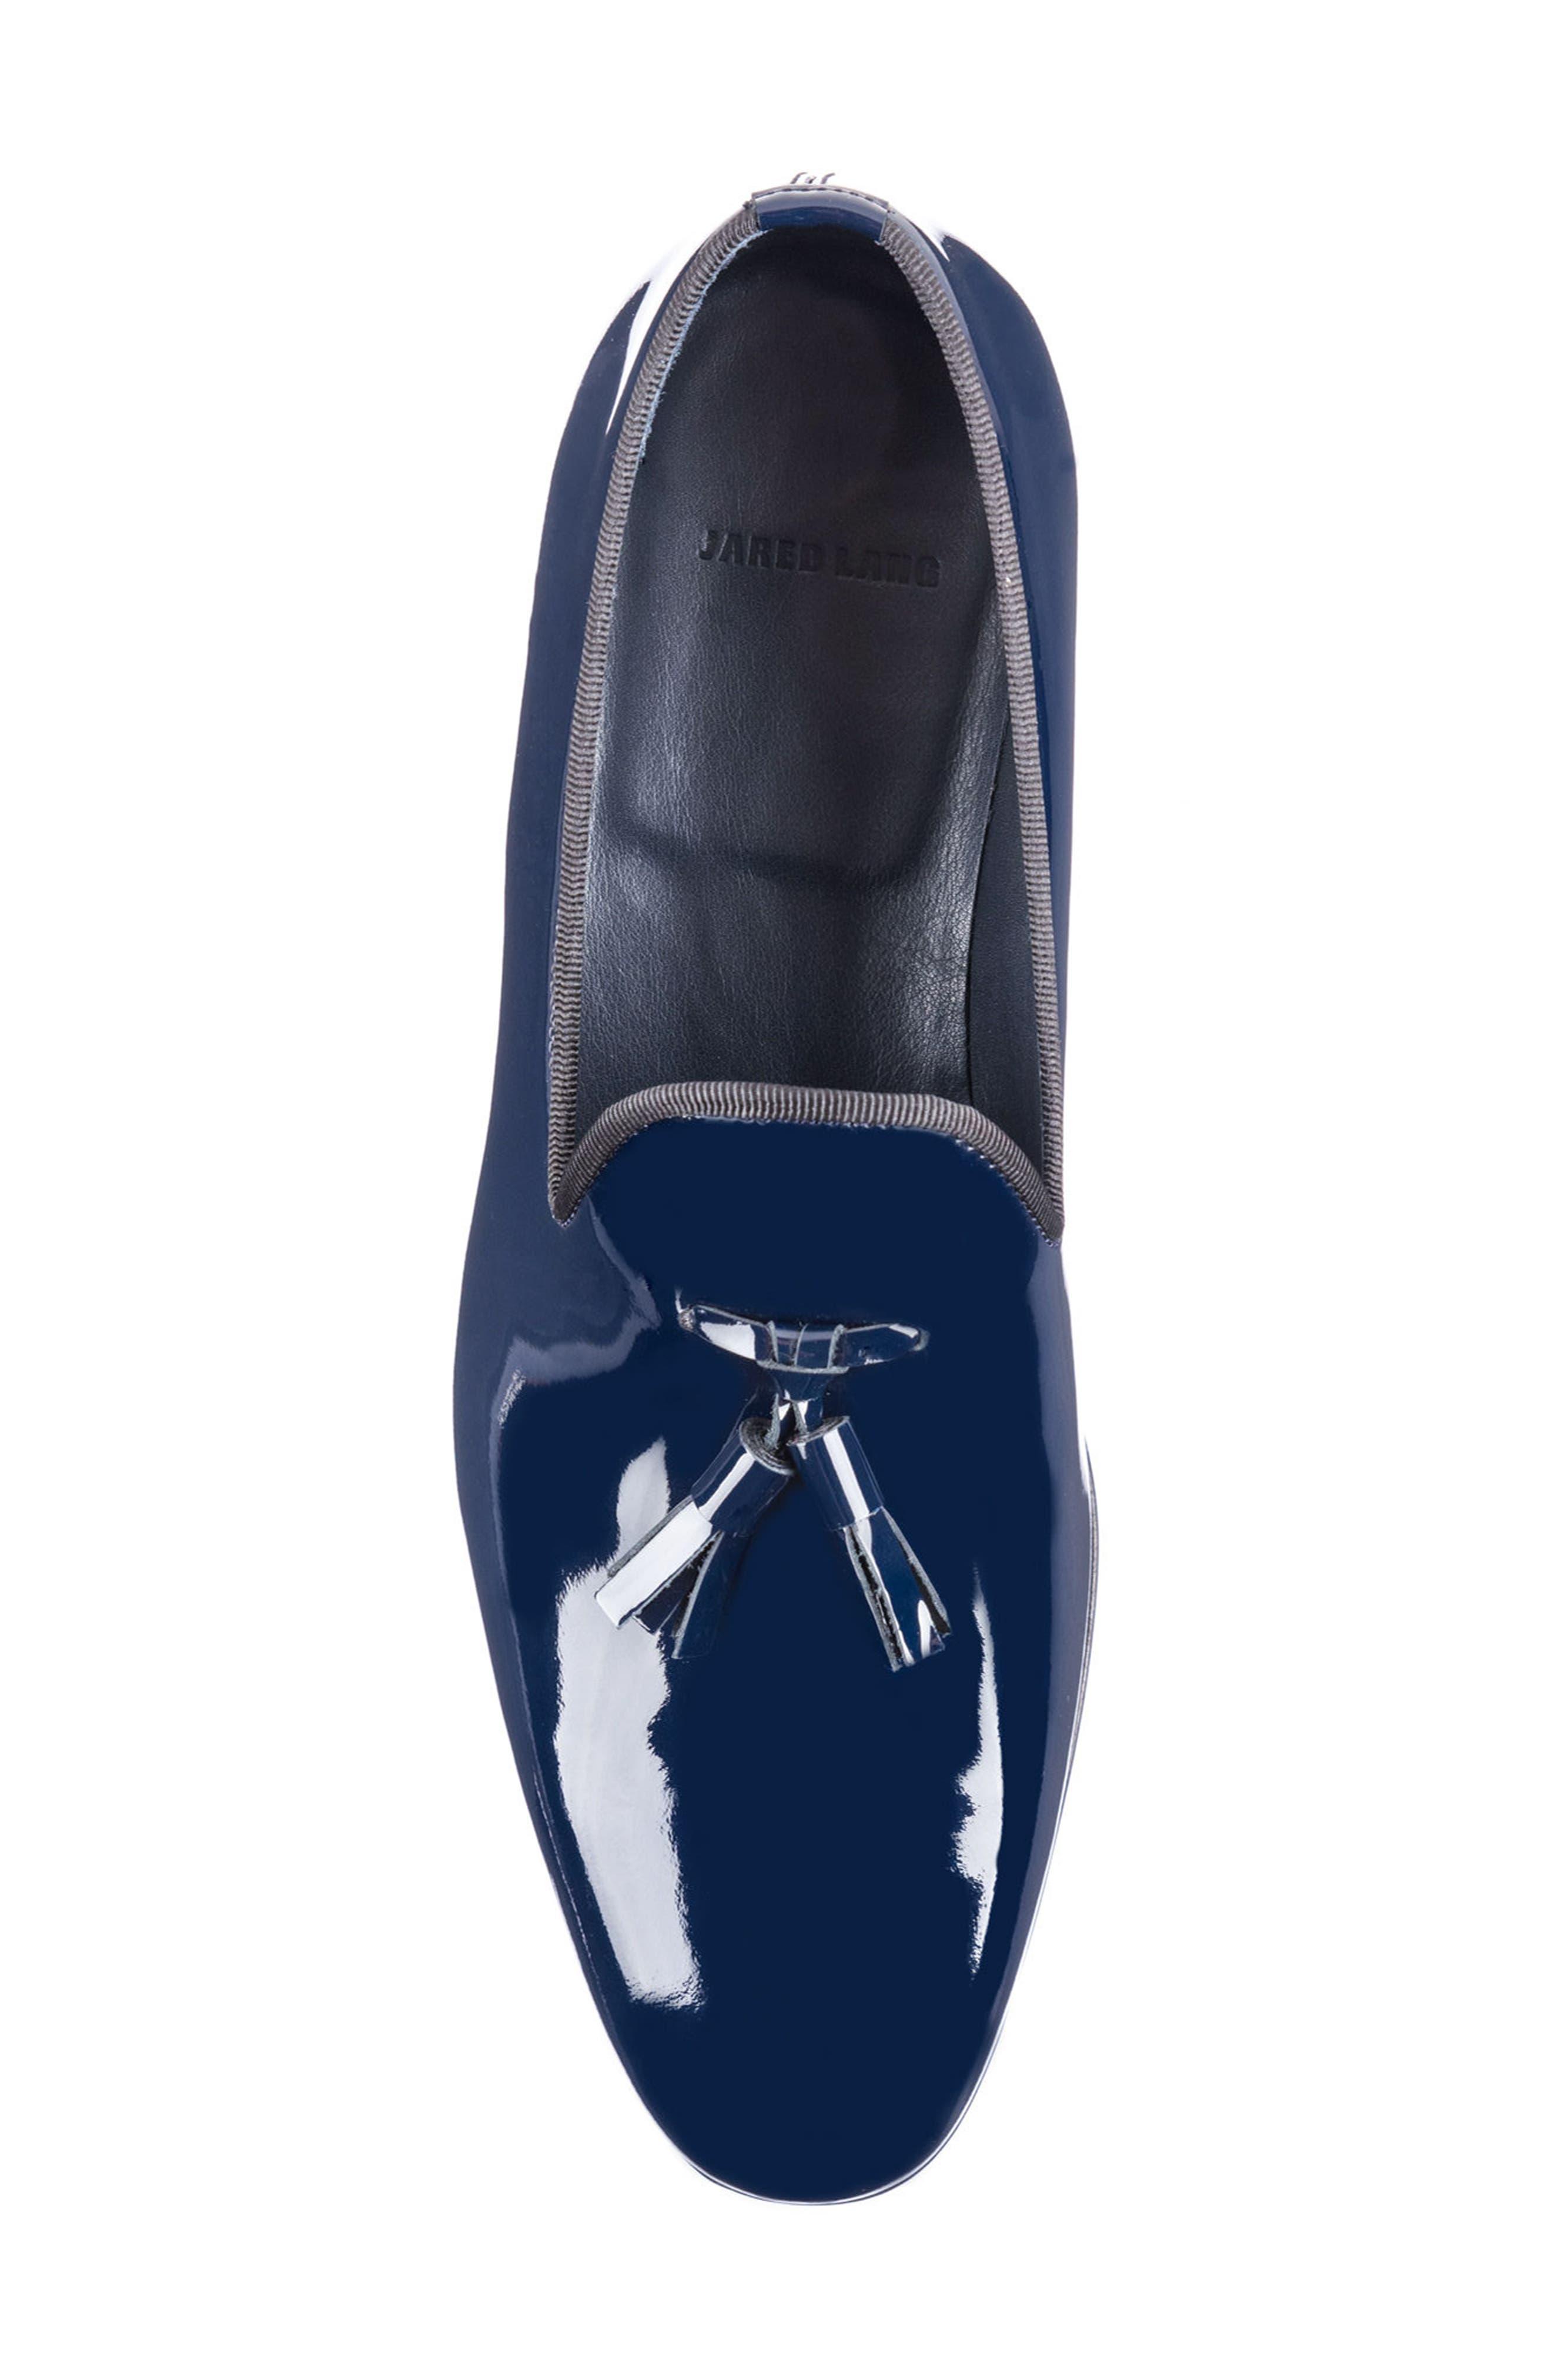 Enzo Tasseled Venetian Loafer,                             Alternate thumbnail 5, color,                             Navy Leather